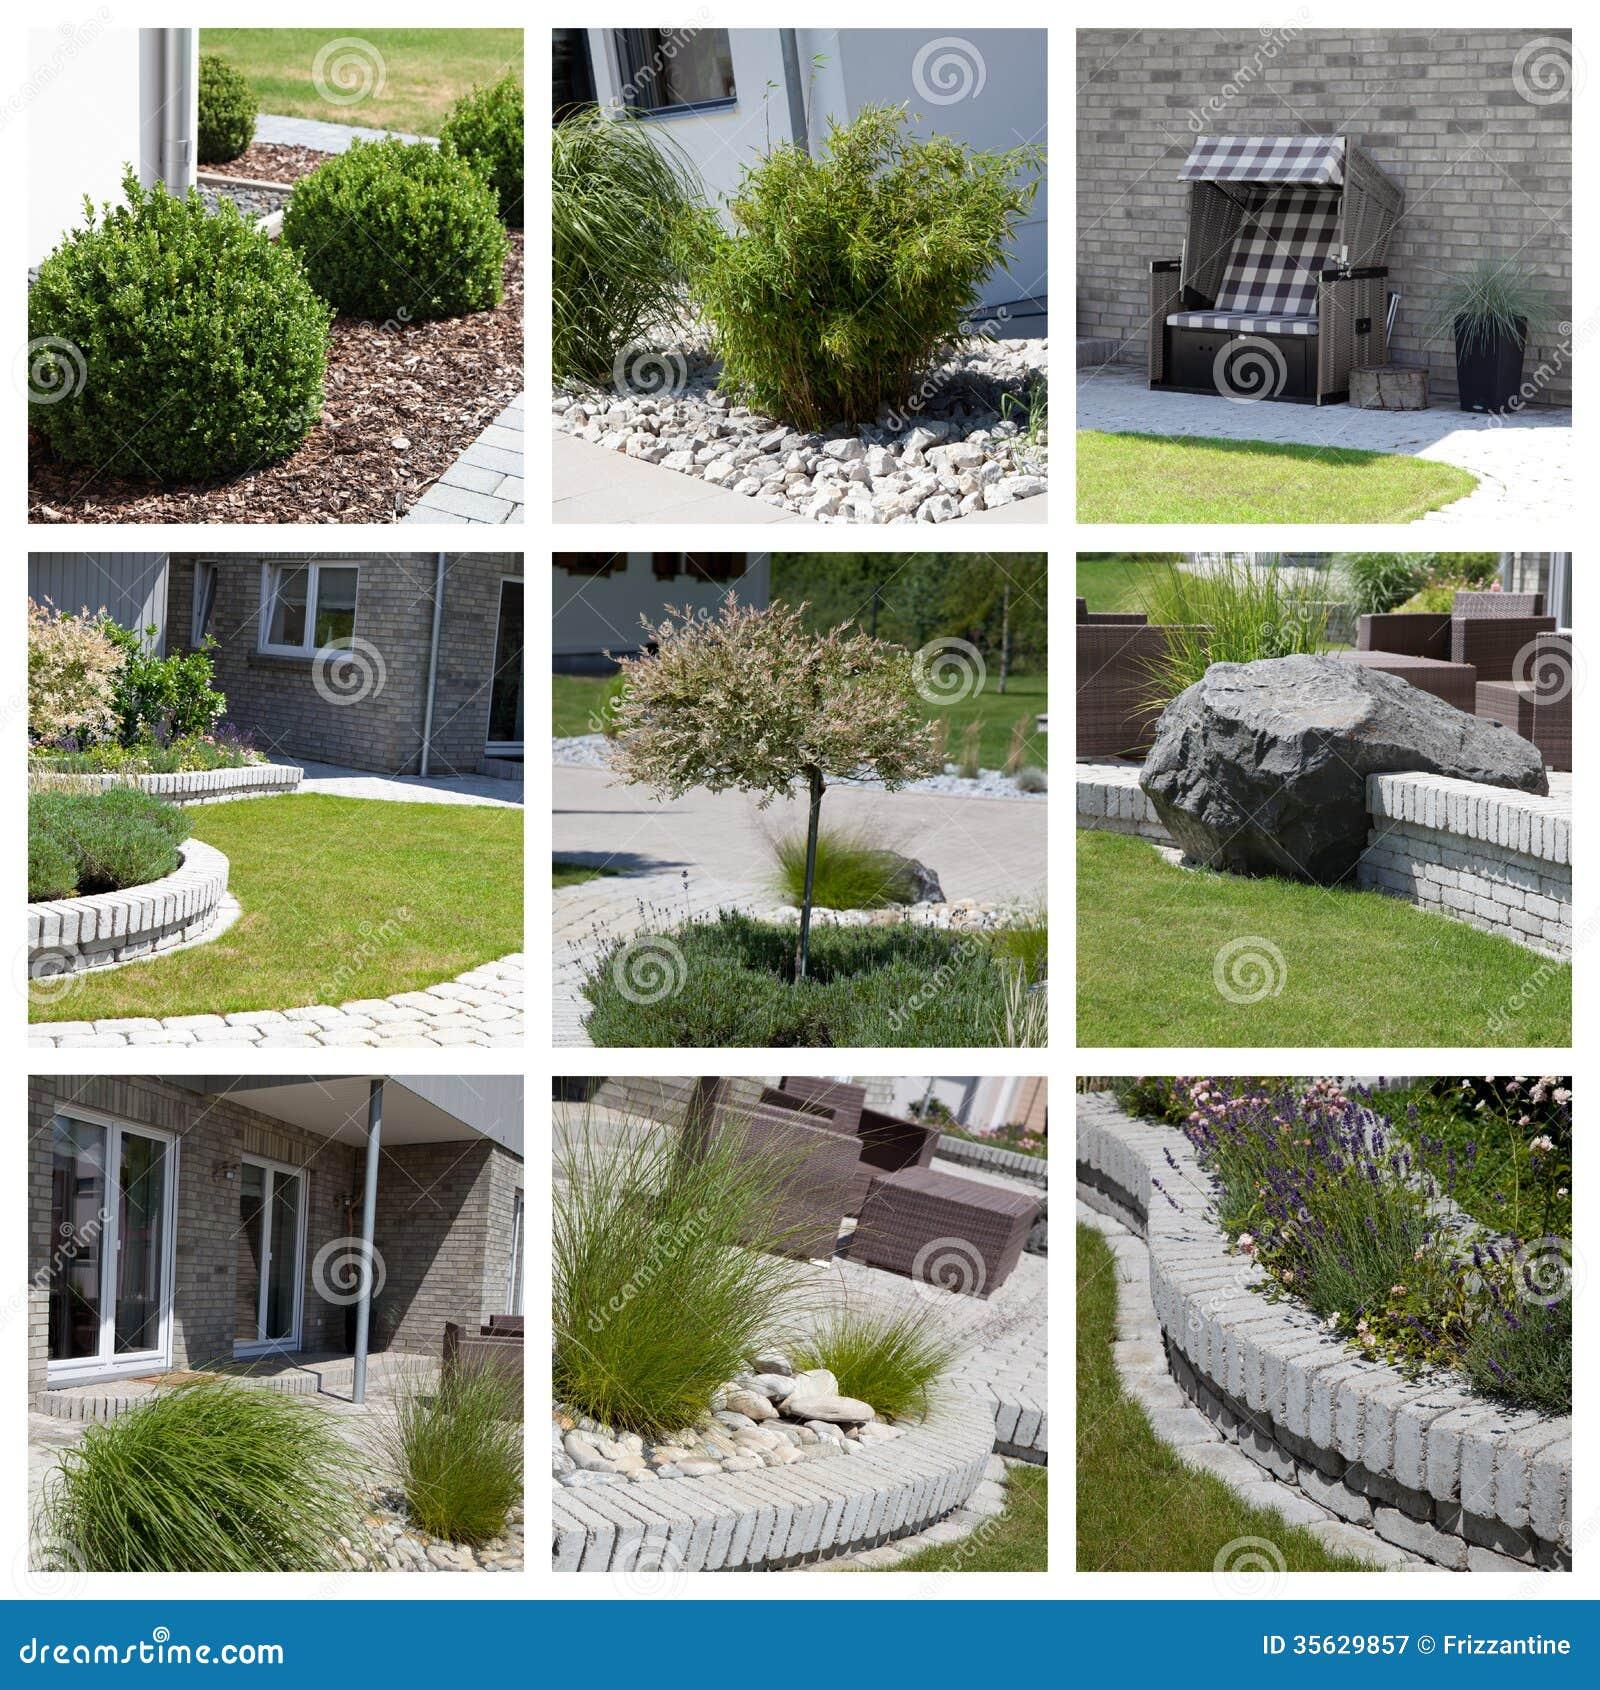 De fotocollage van het tuinontwerp stock afbeelding for Sample garden designs pictures